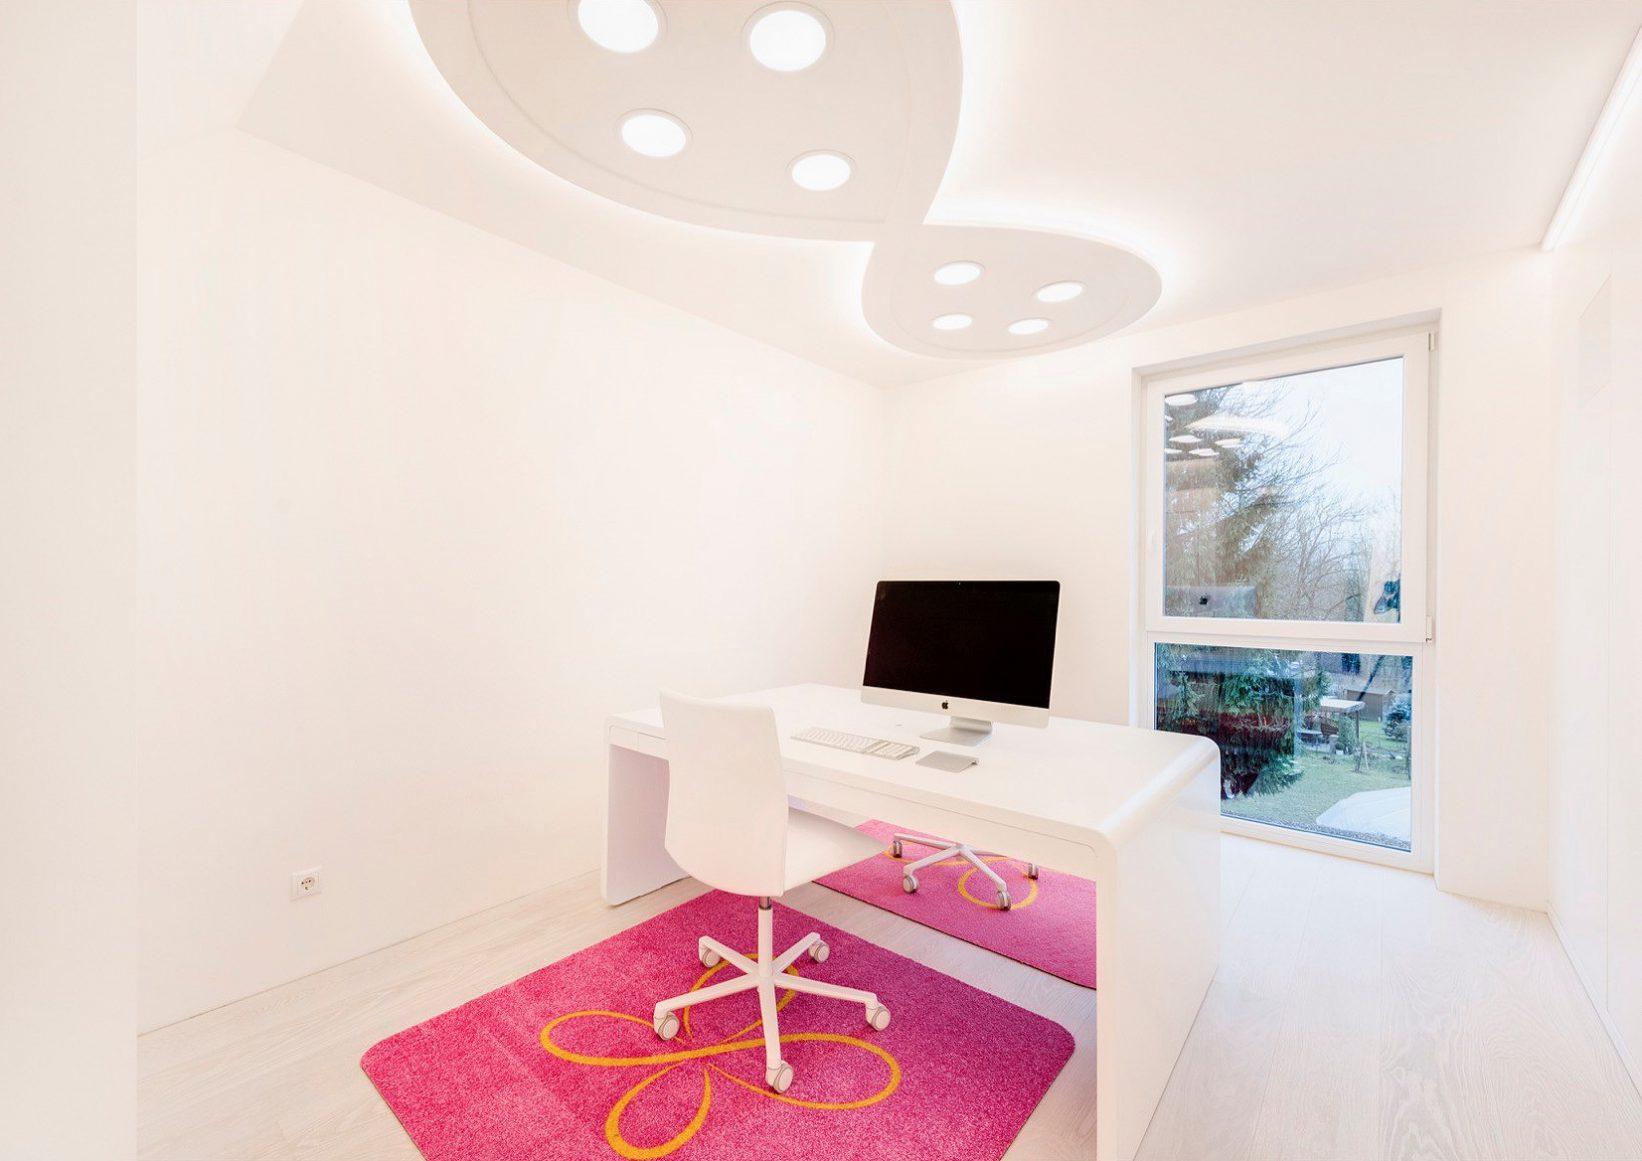 evon Smart Home Office